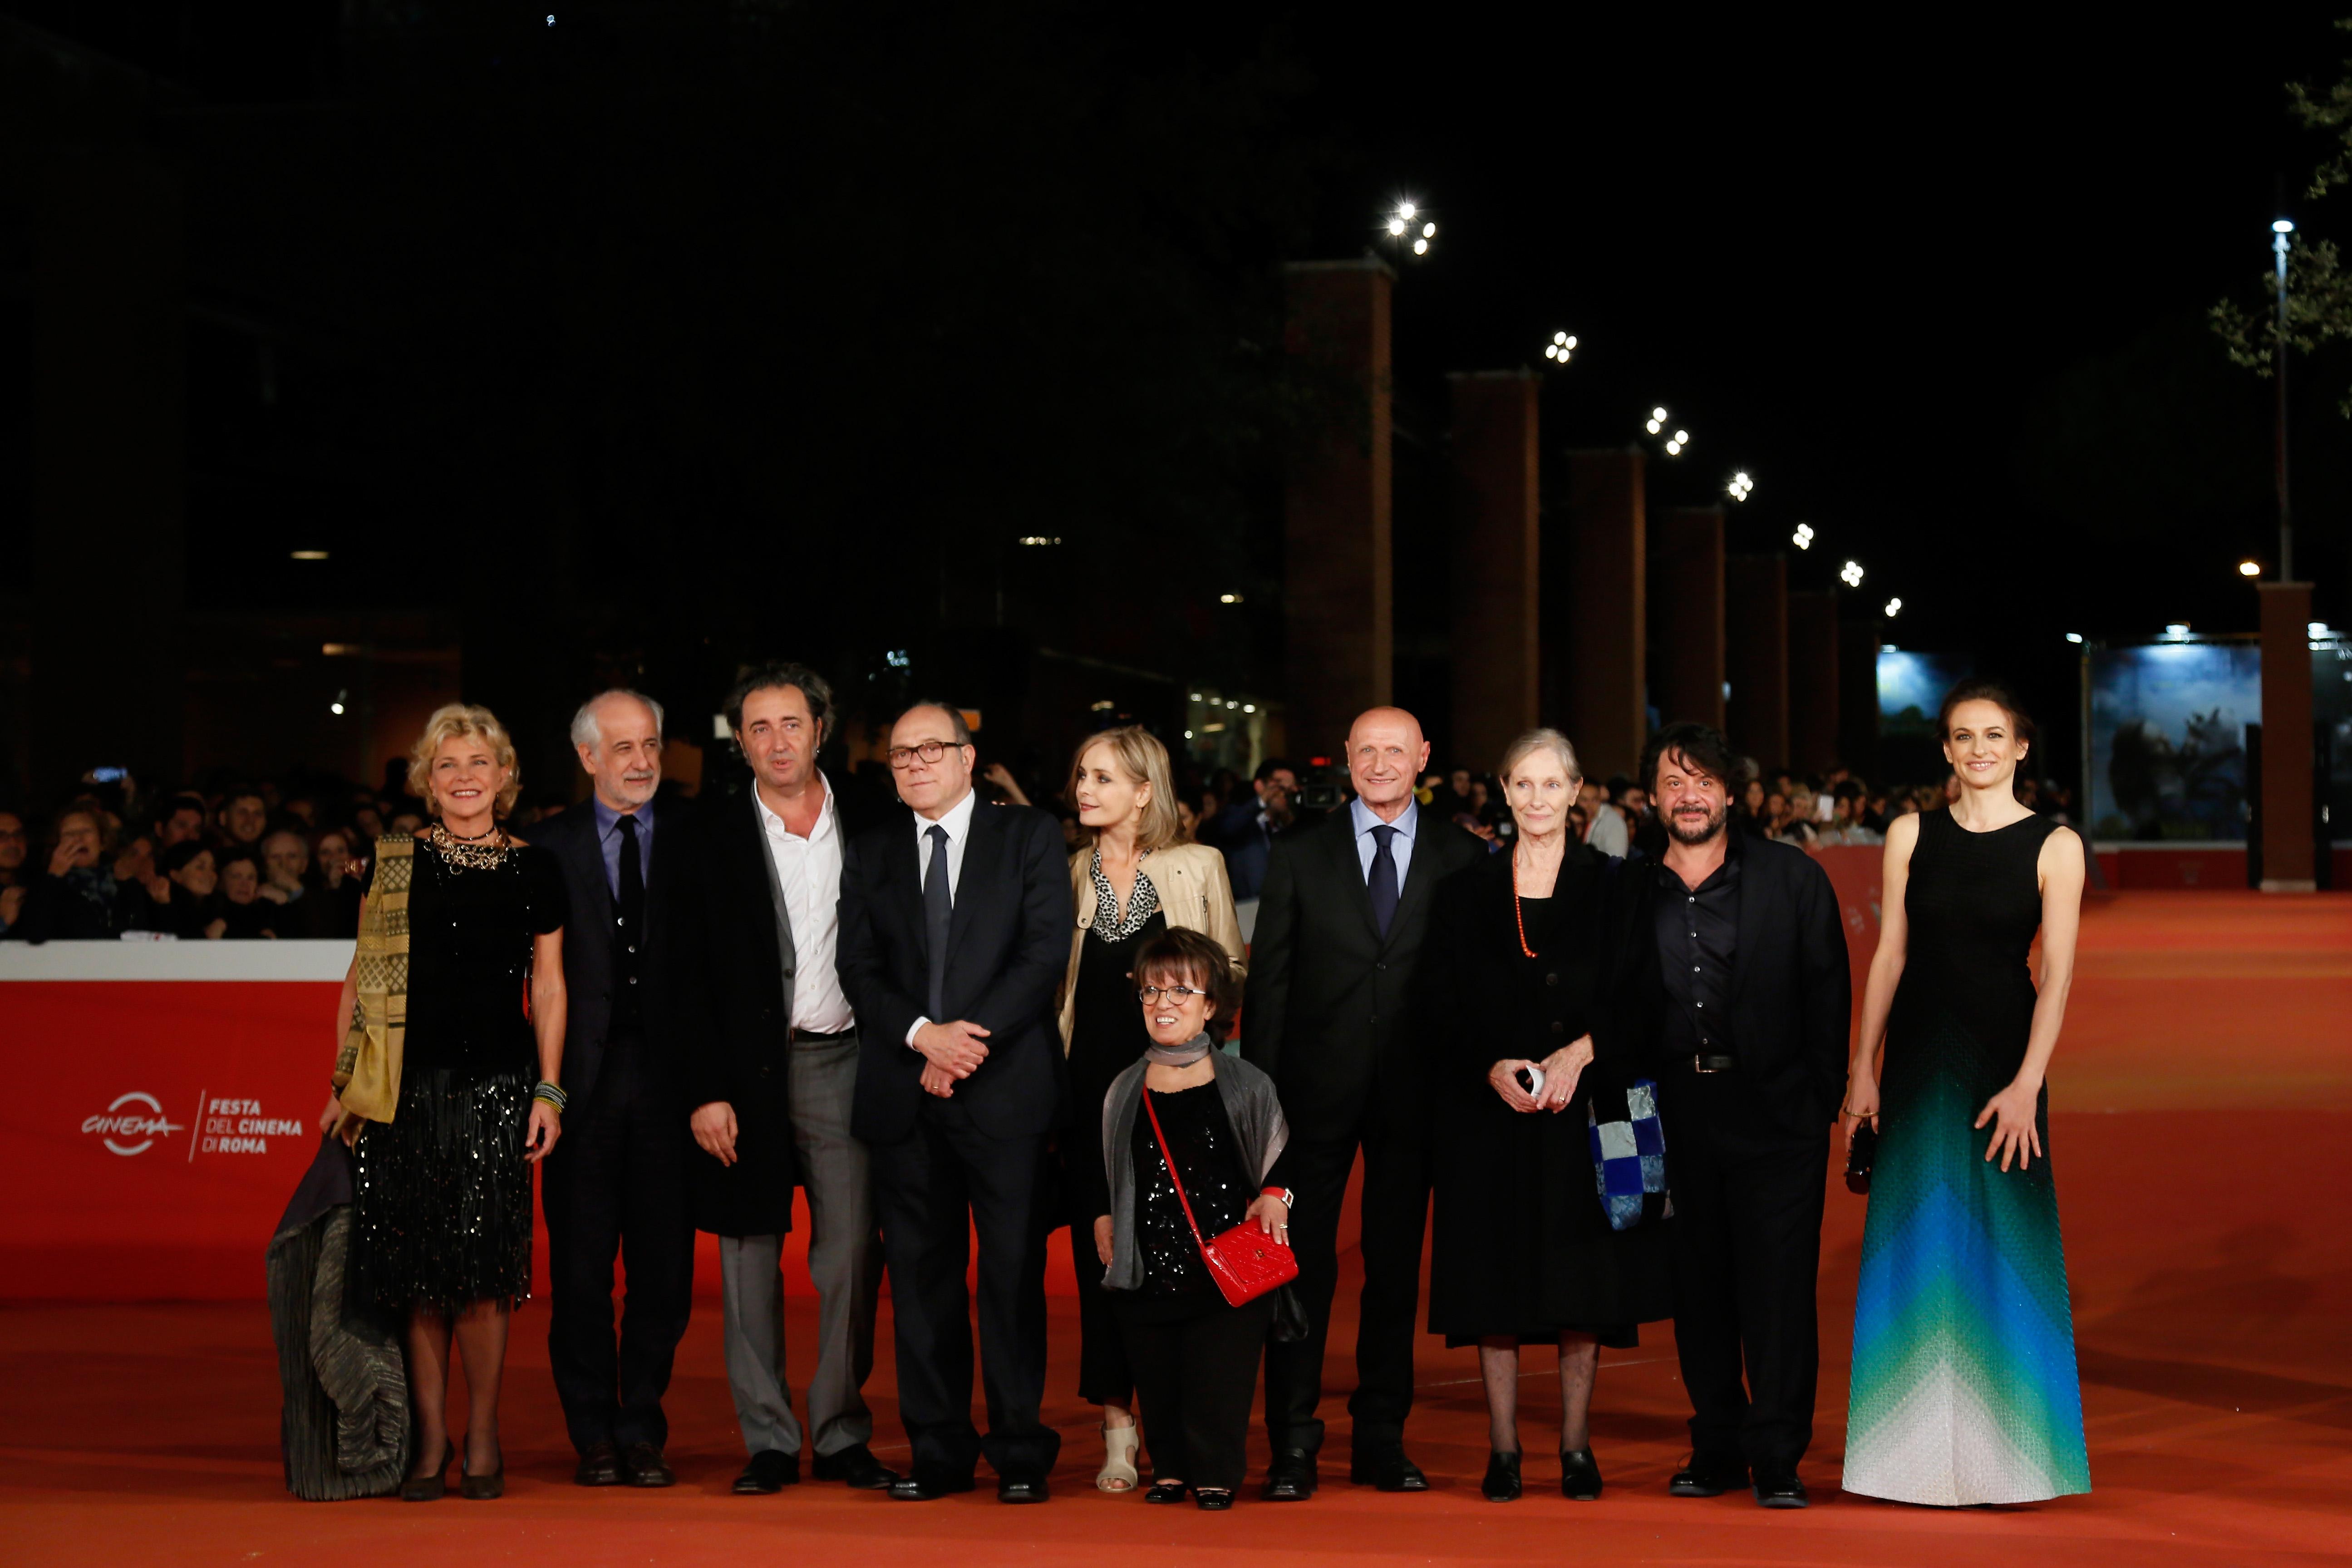 """Si è conclusa la X edizione della Festa del Cinema di Roma. Solo due i film presentati in quest'ultima giornata: il primo è il film d'animazione francese """"Il piccolo principe"""", […]"""